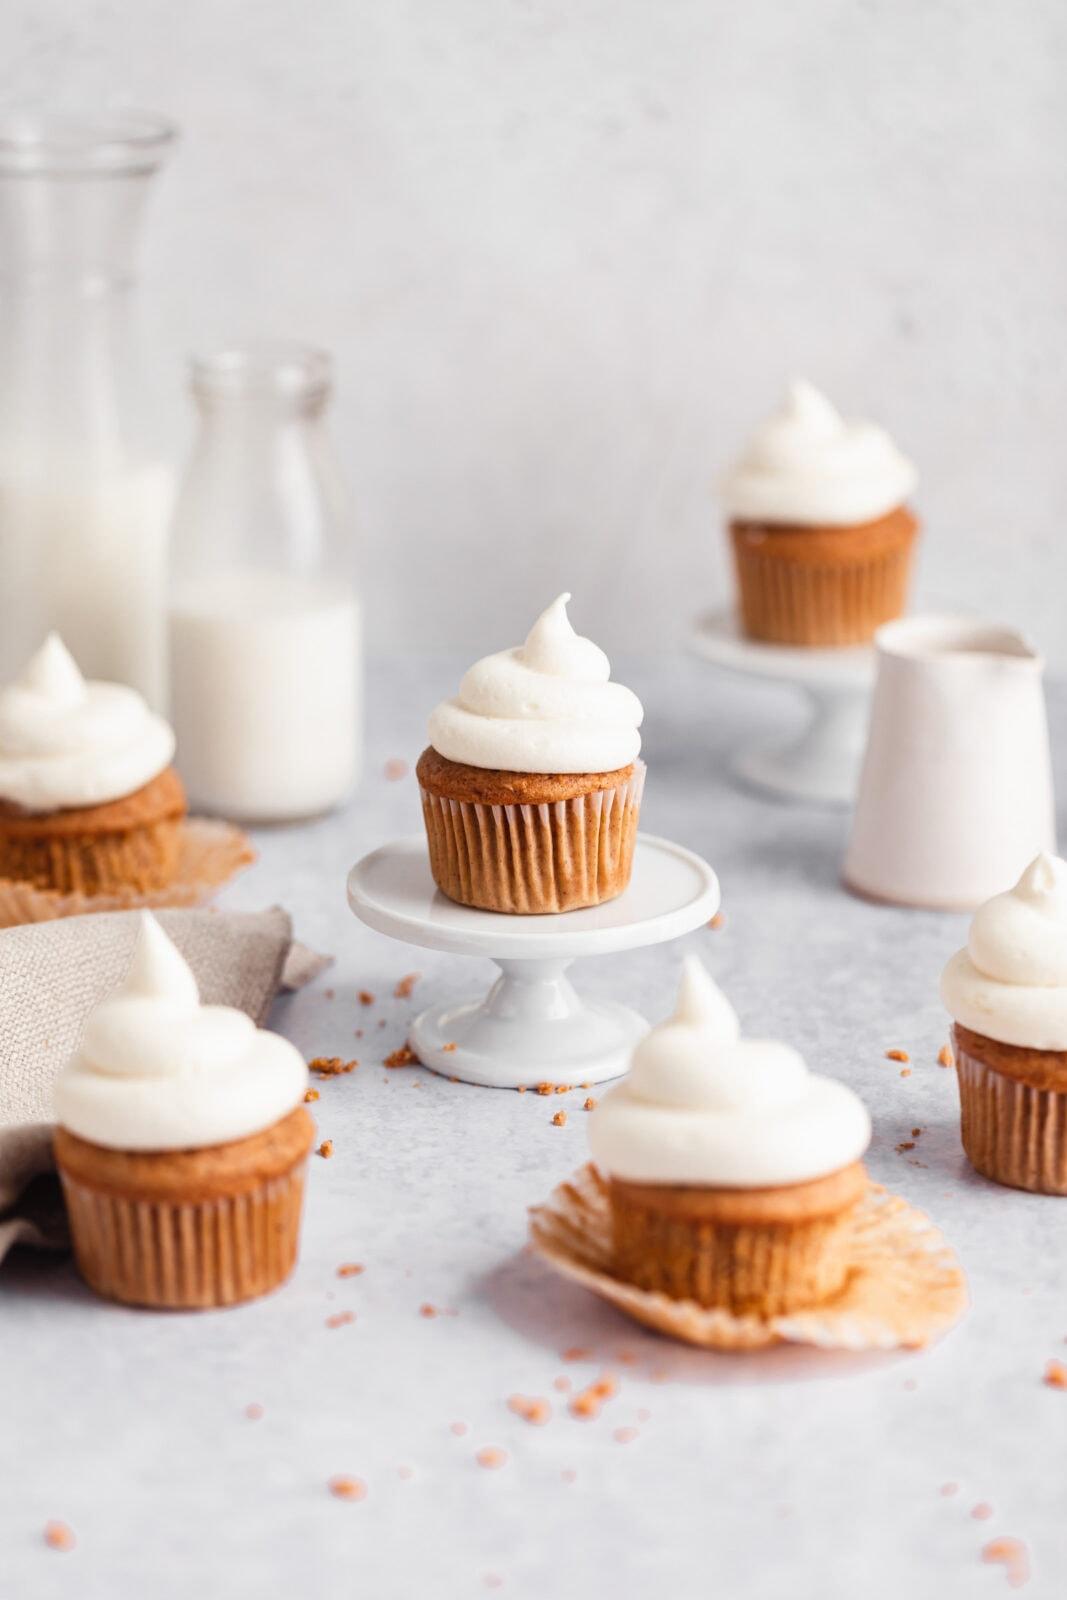 sárgarépa torta cupcakes krémsajt cukormáz